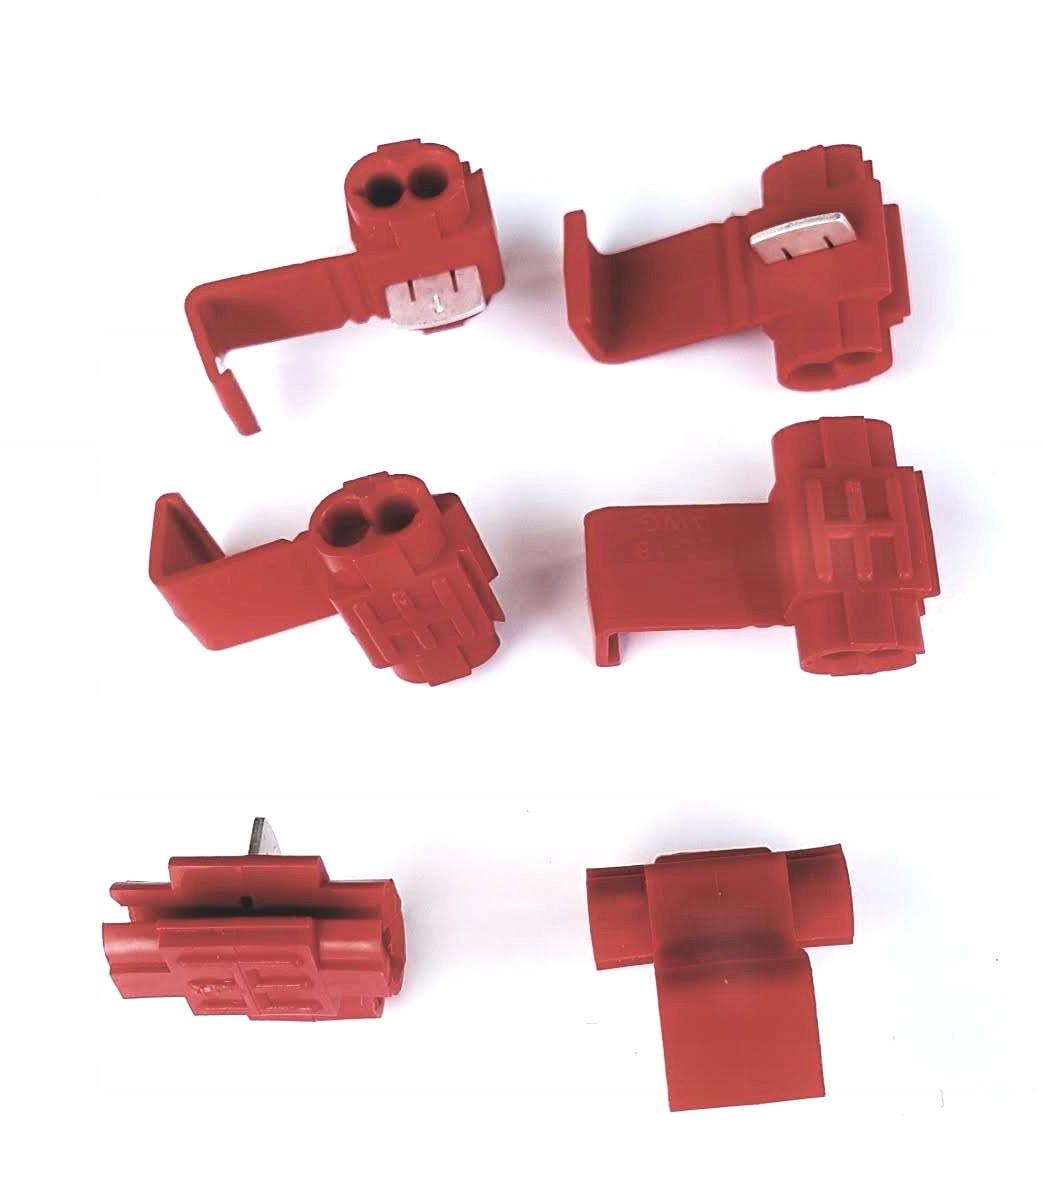 6 x быстроразъемное соединение разъем разъем кабель 0 5-1 5mm